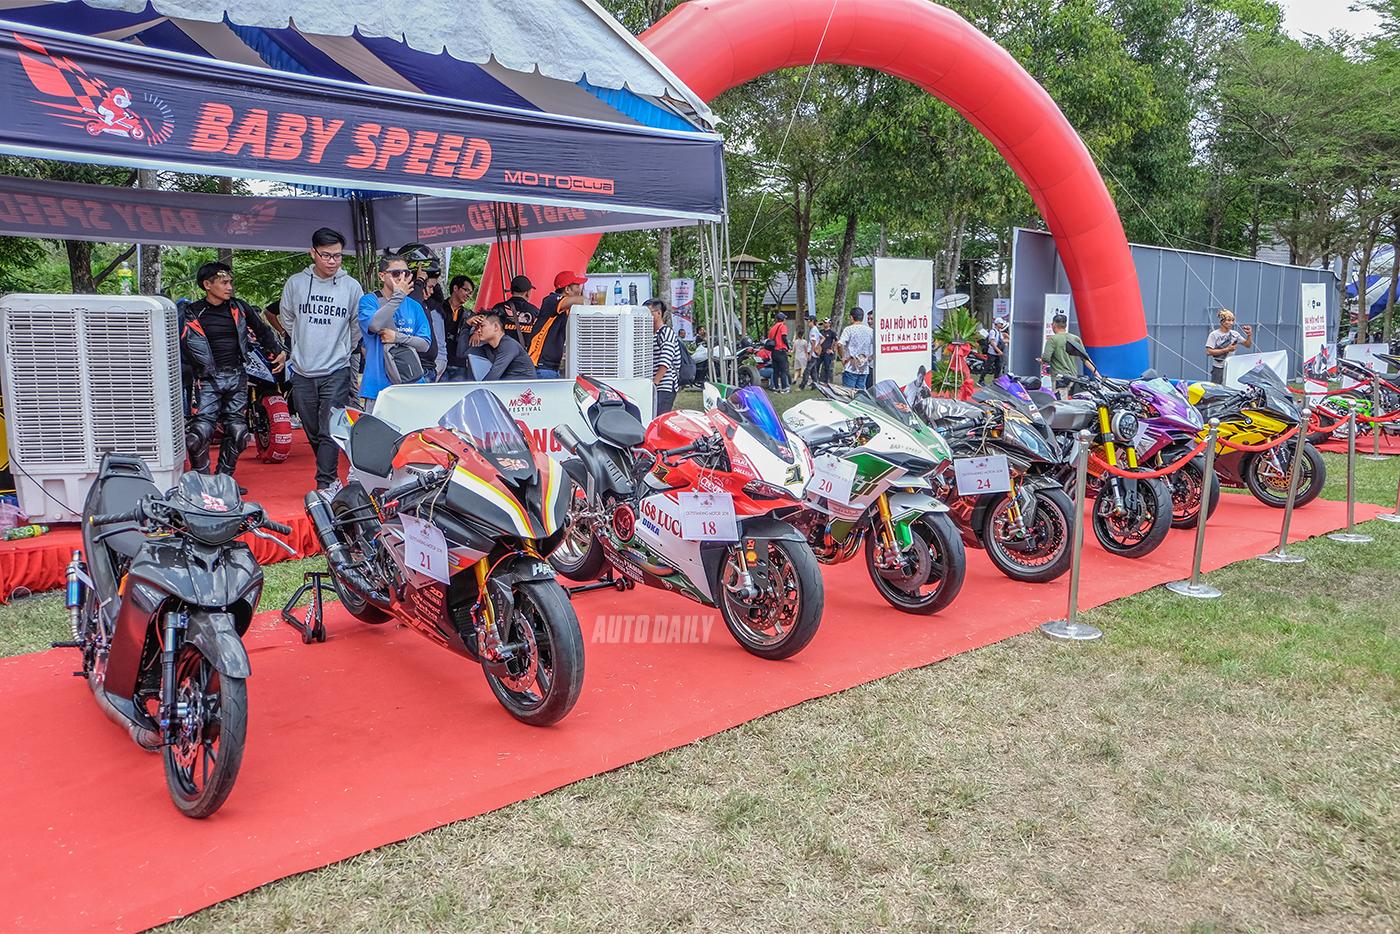 vietnam-motor-festival-2018-15.jpg